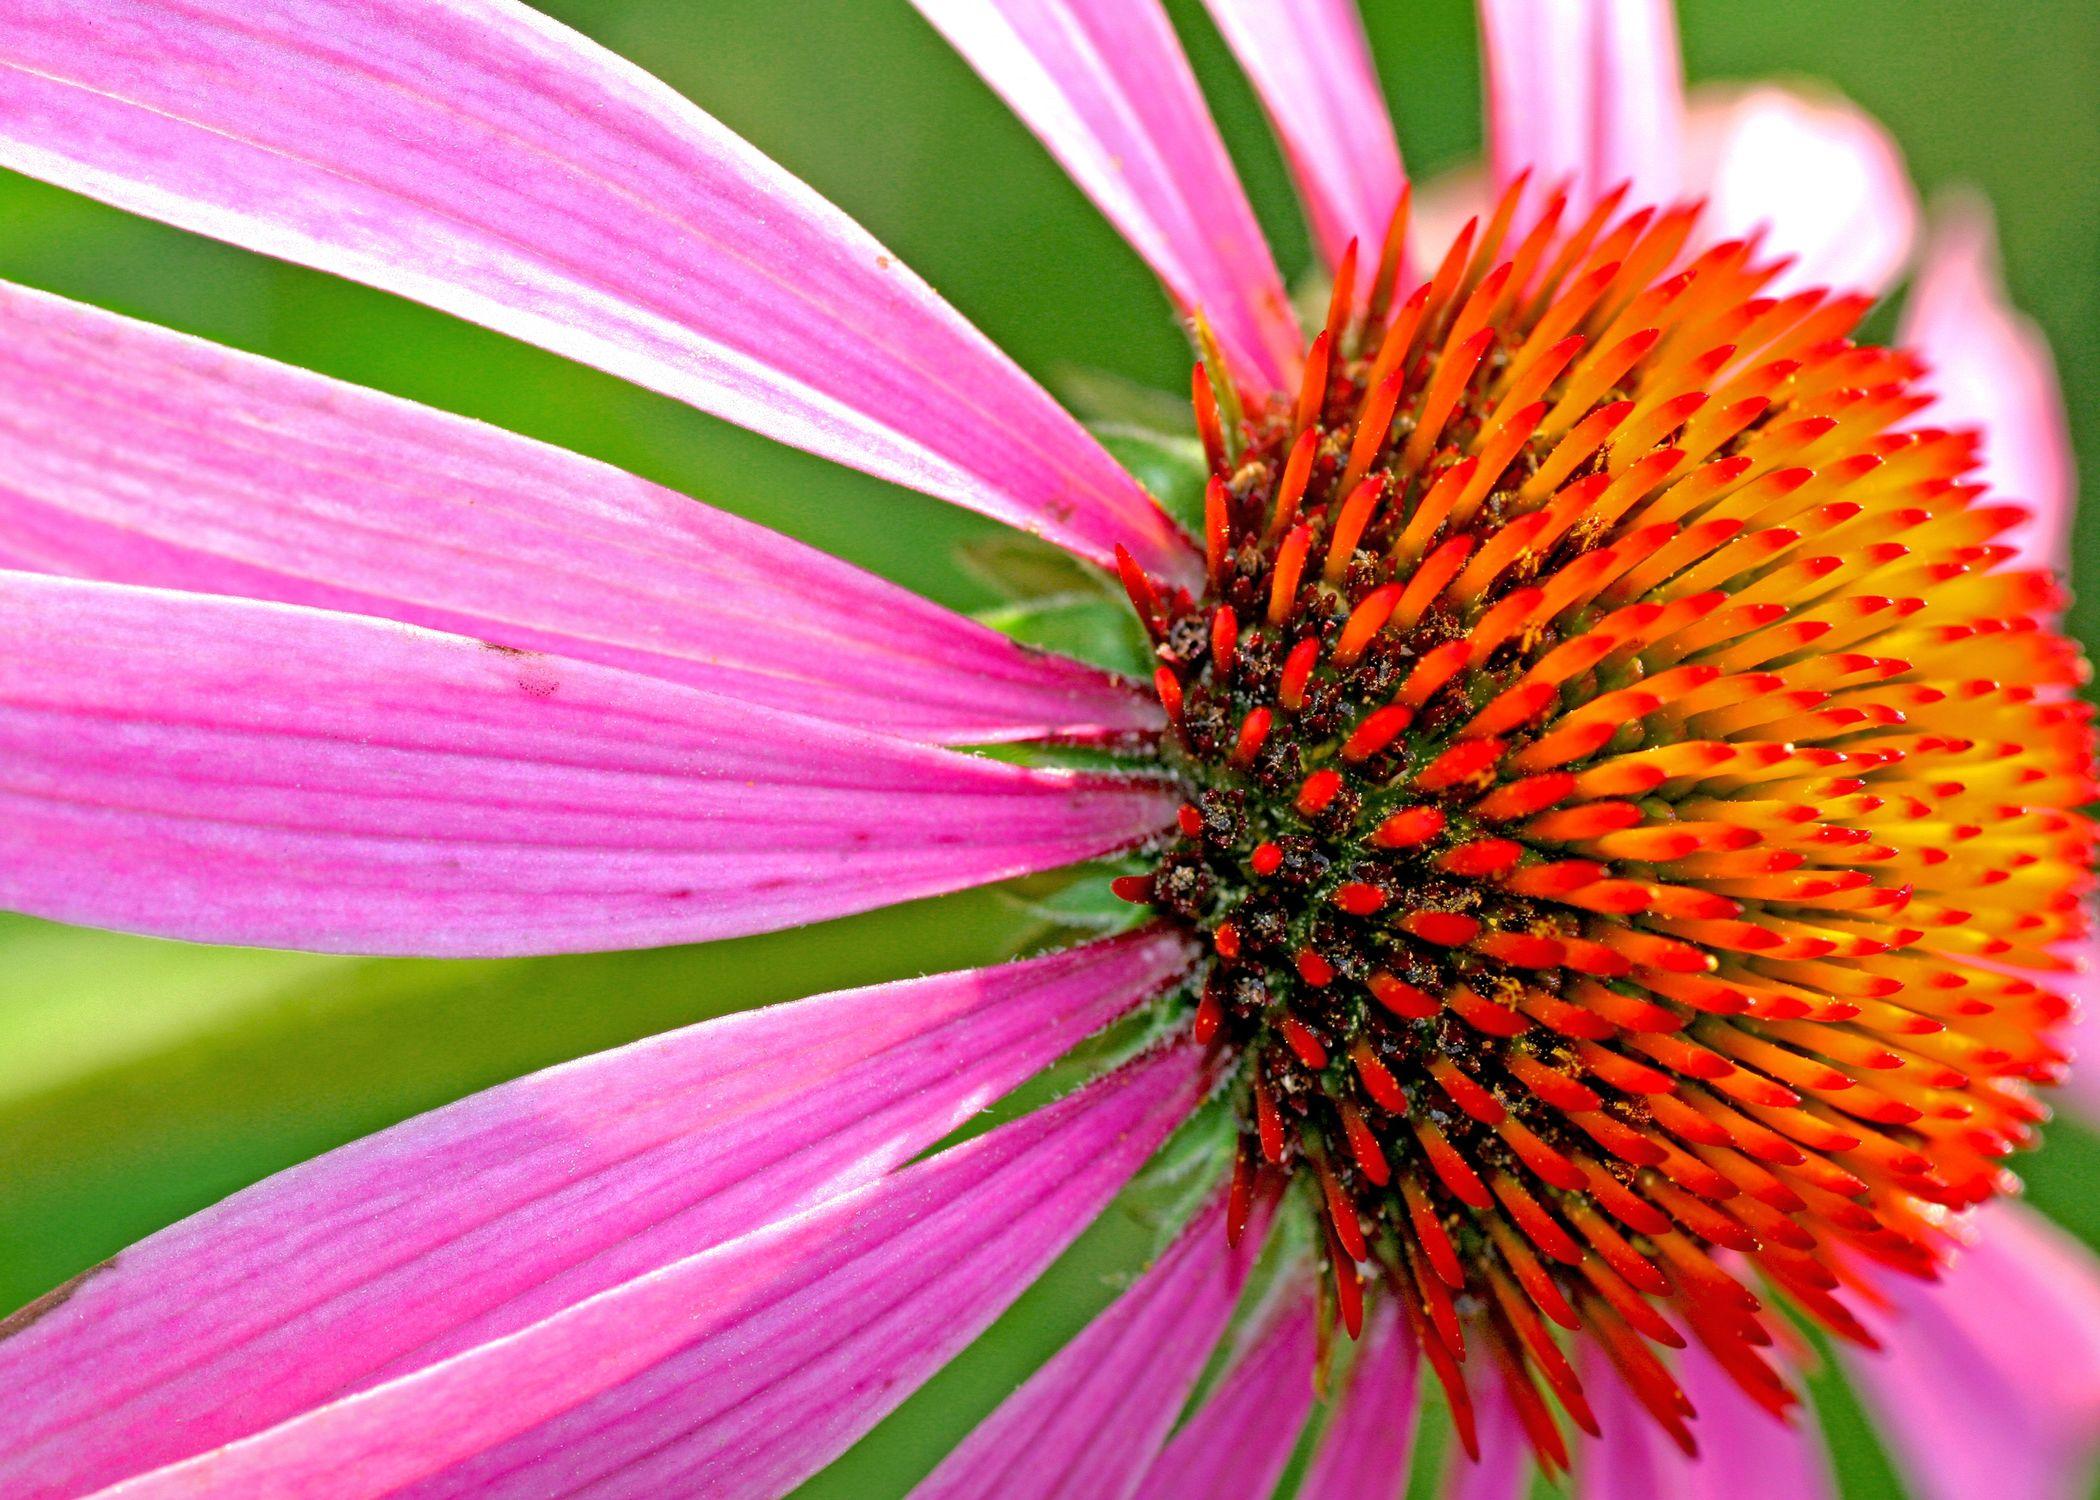 Bild mit Farben, Natur, Pflanzen, Blumen, Rosa, Korbblütler